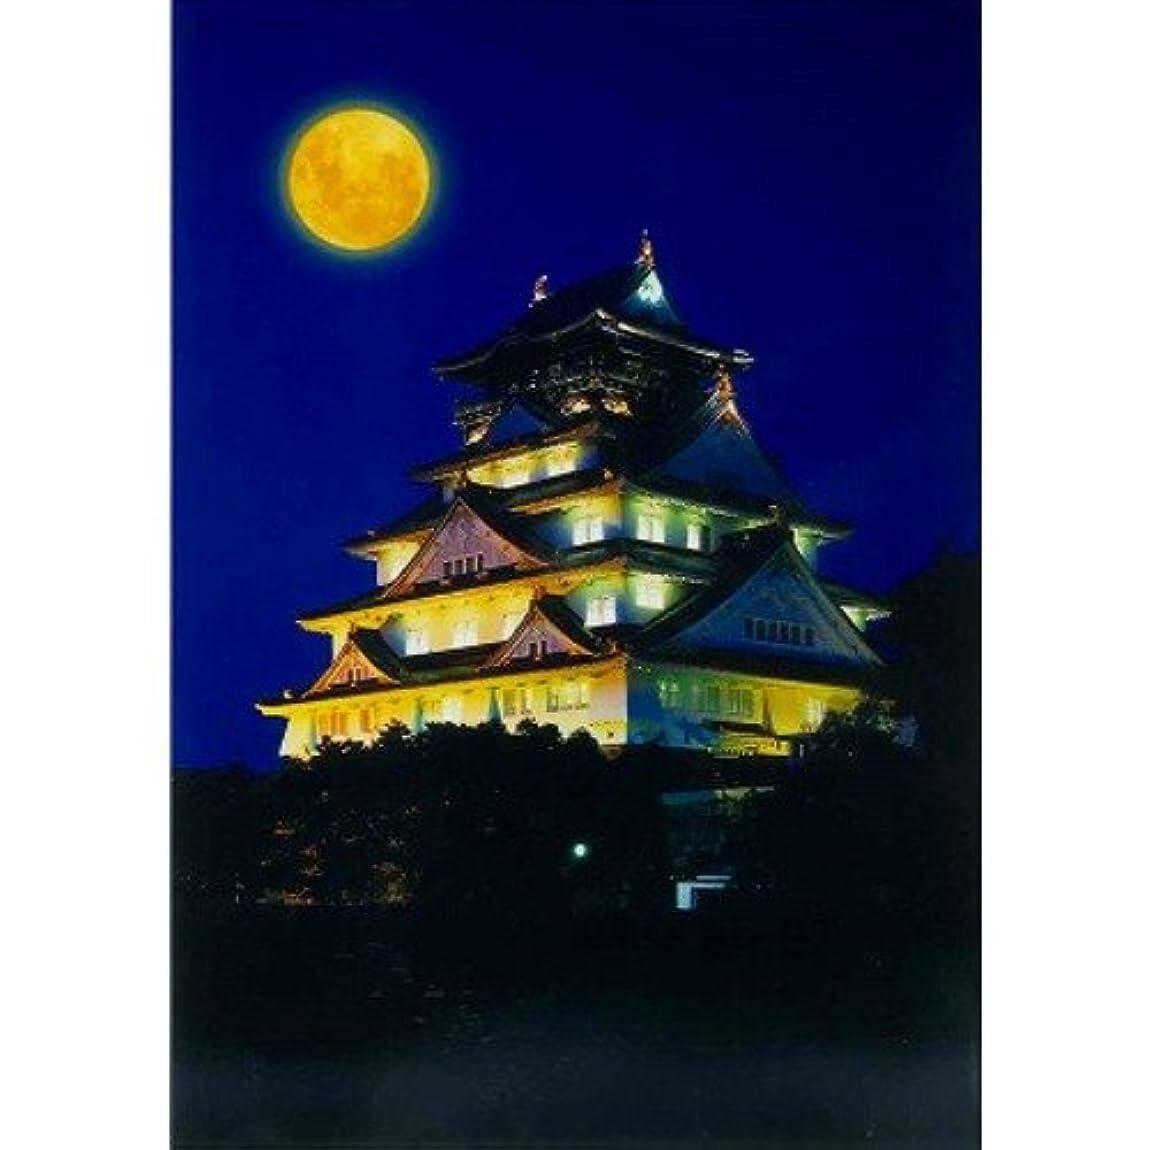 取得明日想定ハガキ 月と大阪城 大阪ー038